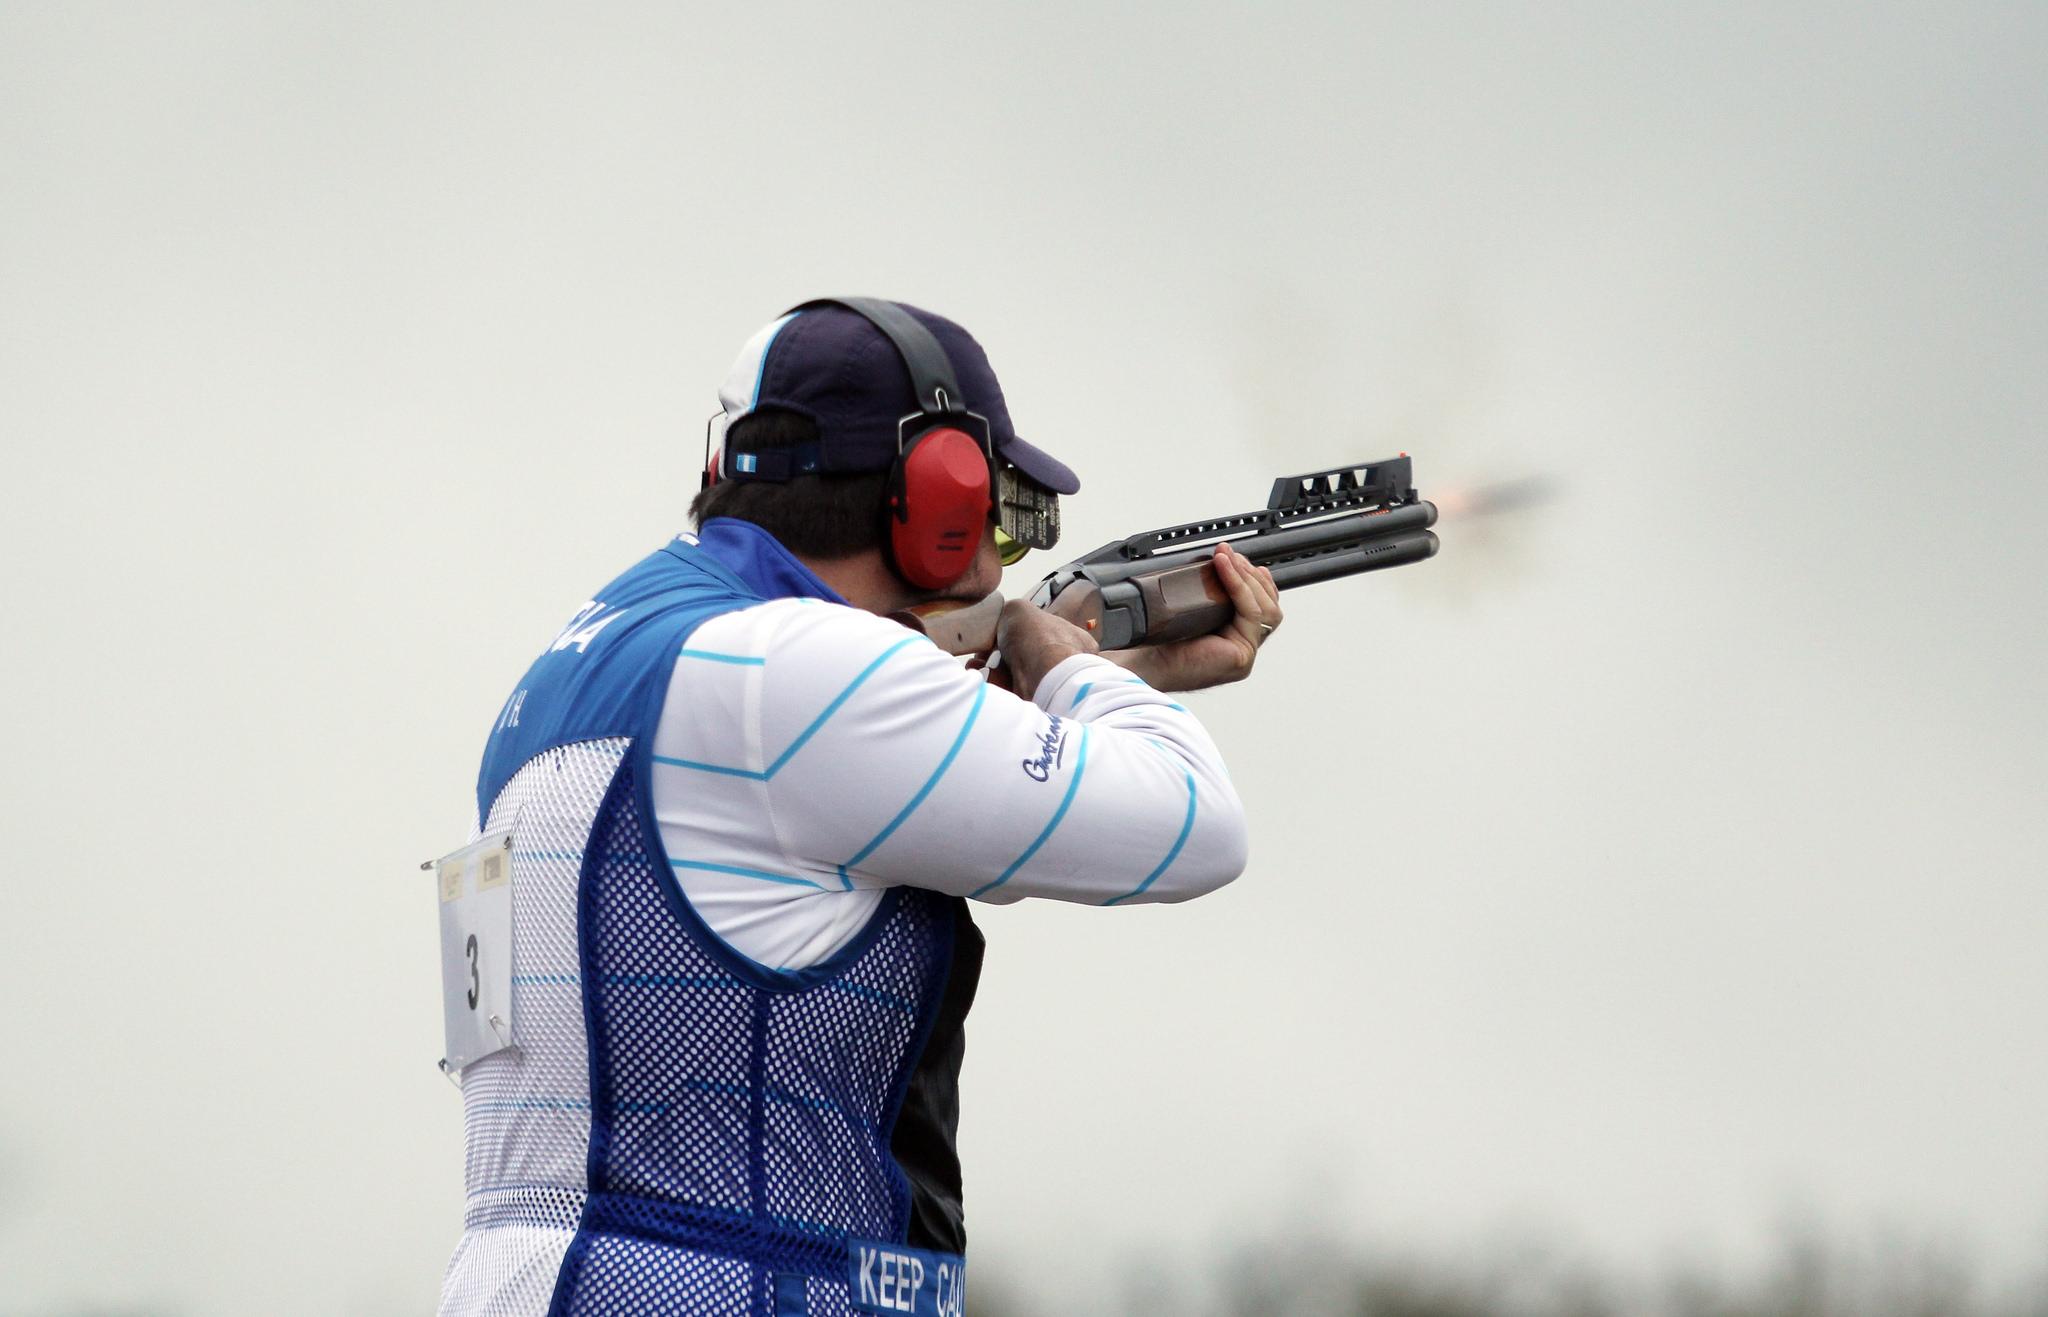 A disparar con armas de caza